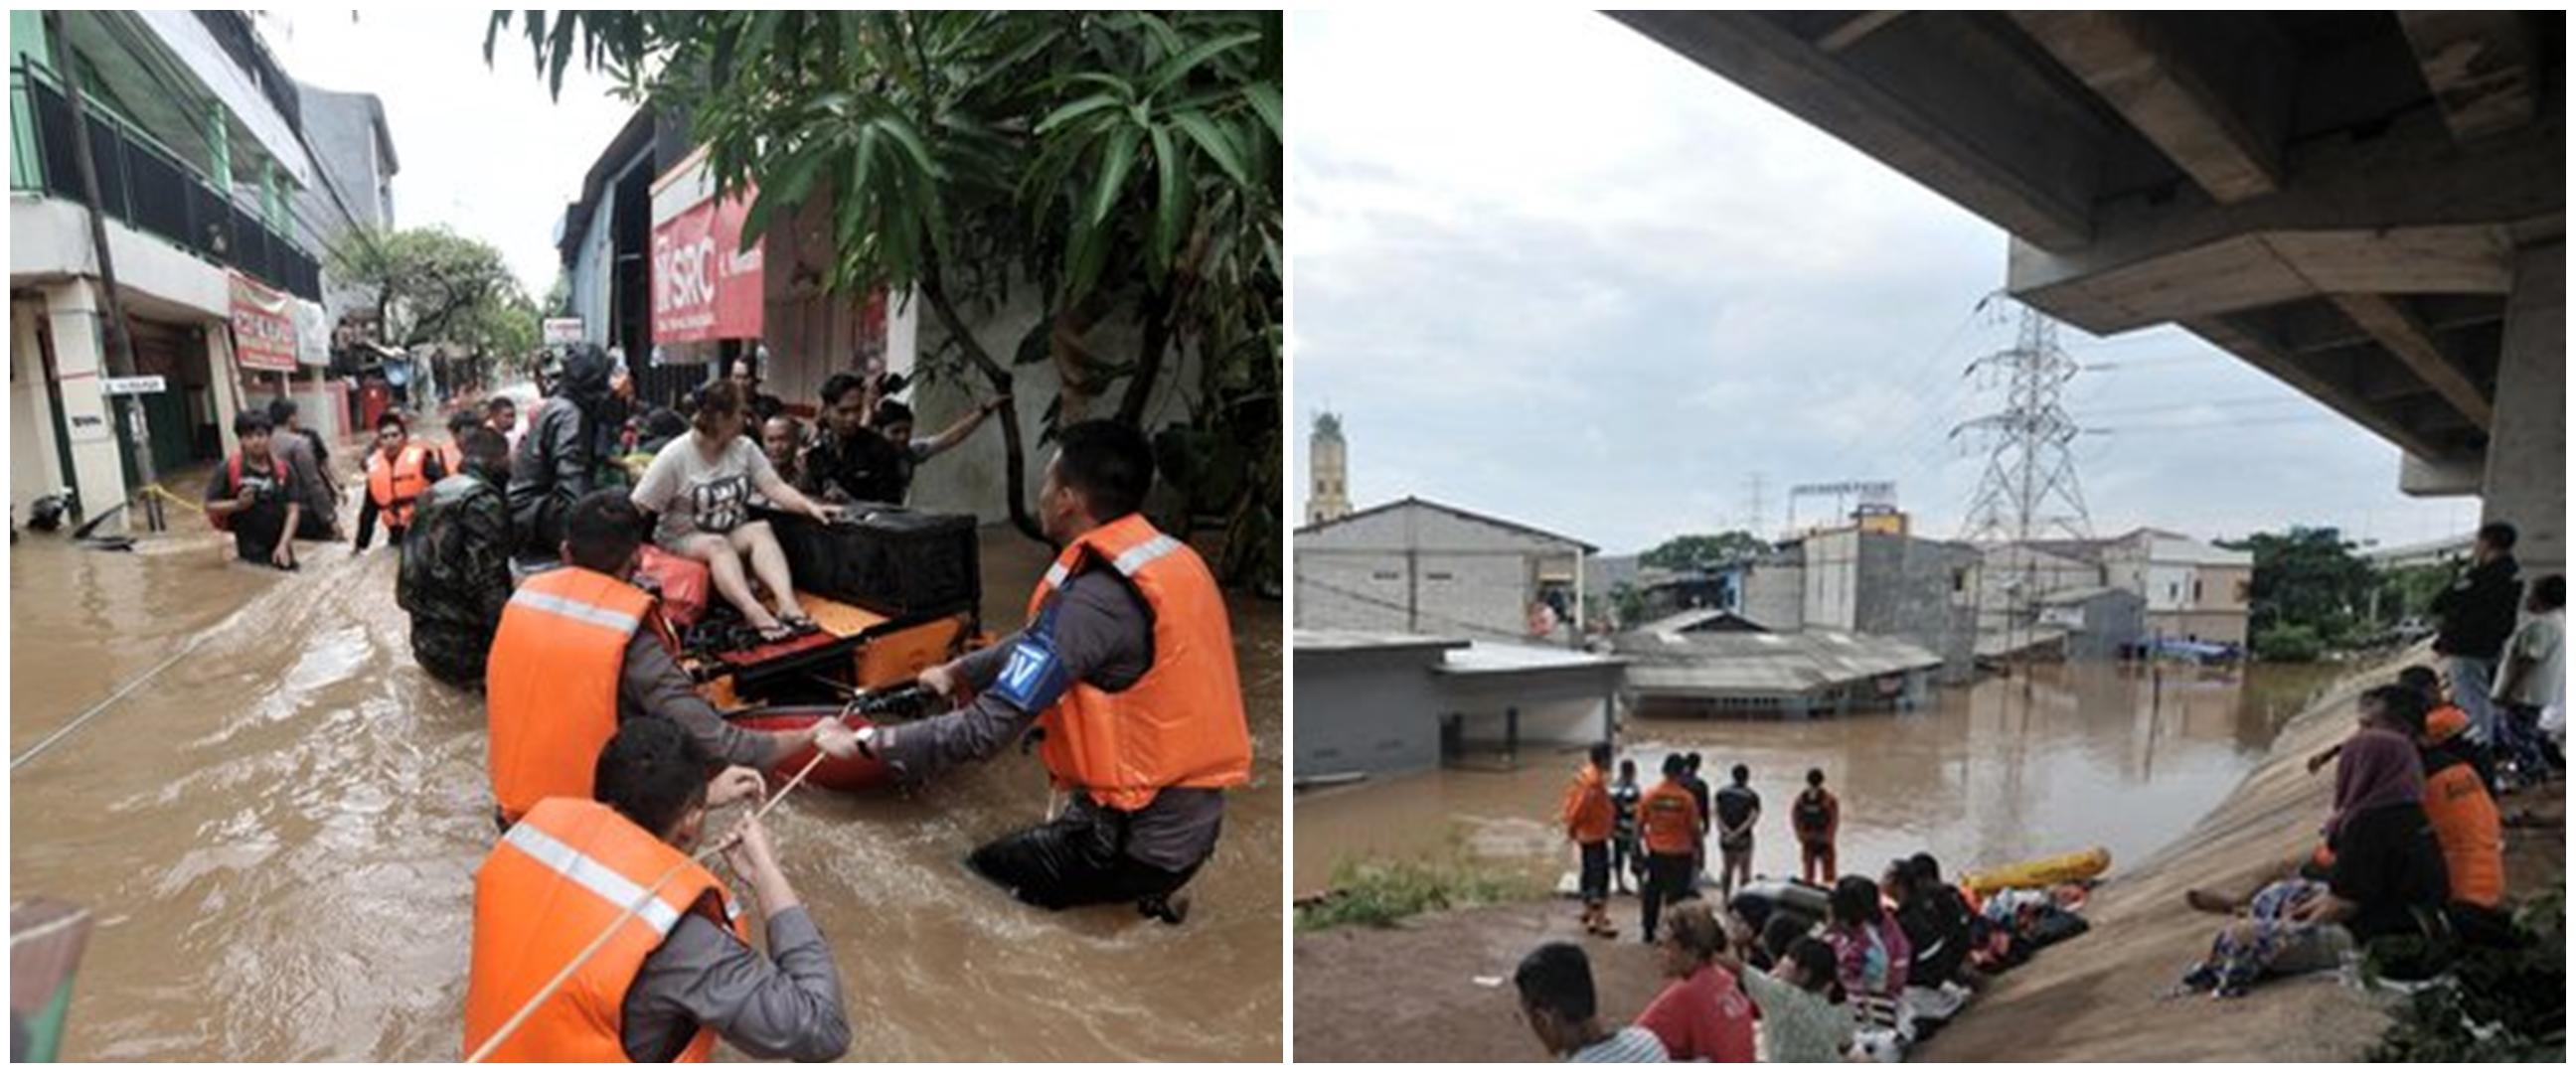 Banjir Jakarta jadi sorotan media asing, korban capai 21 orang